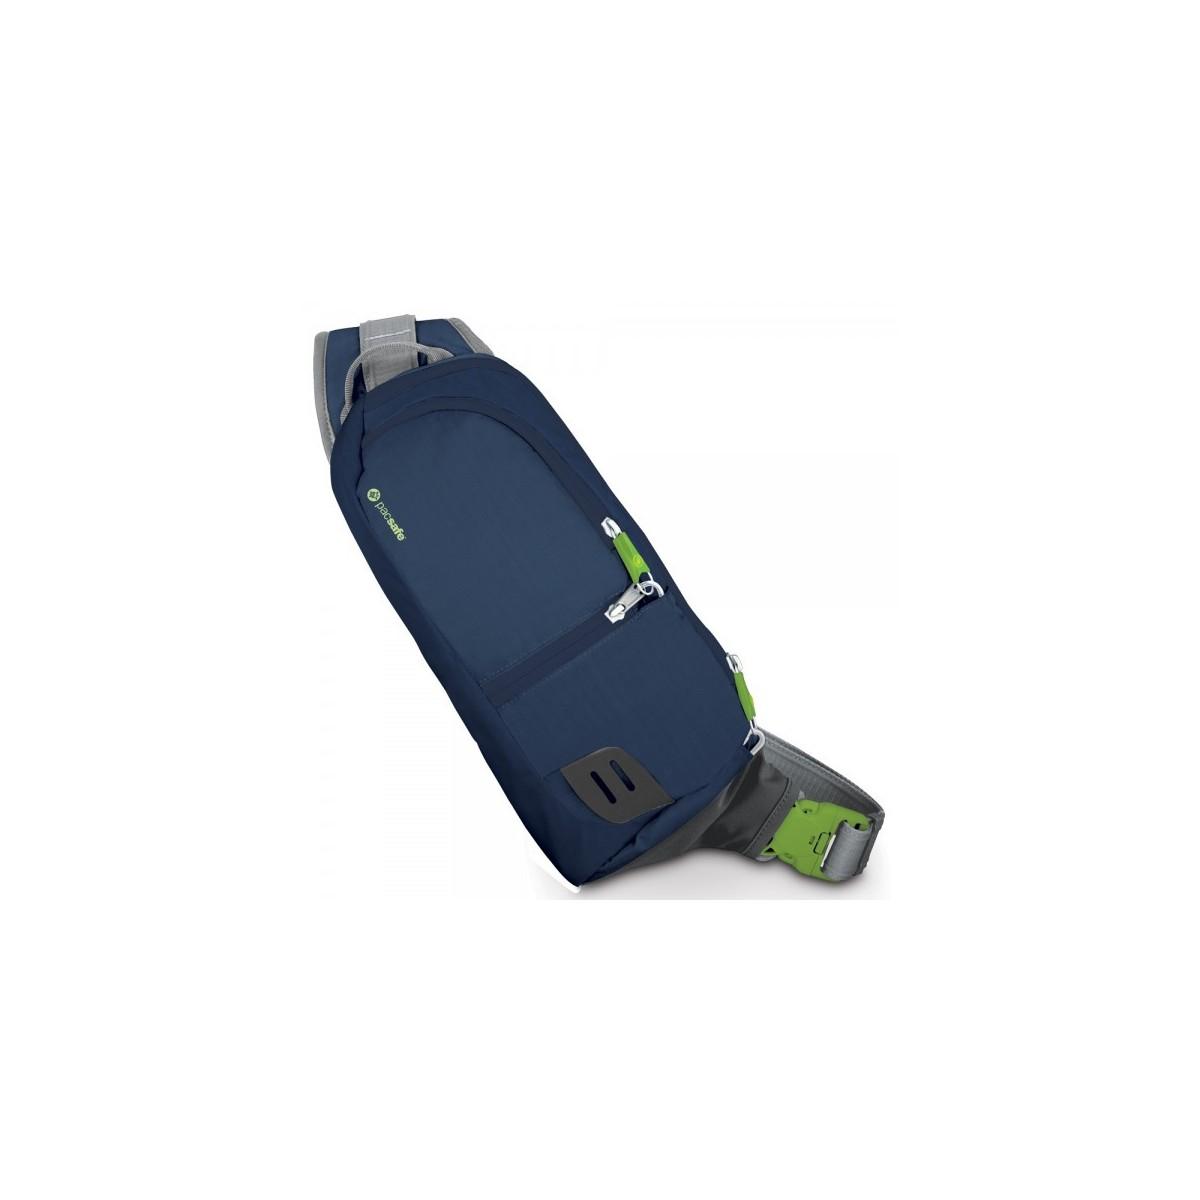 กระเป๋าสะพายเฉียงคาดอก Venturesafe™ 150 GII (Navy) anti-theft cross body pack